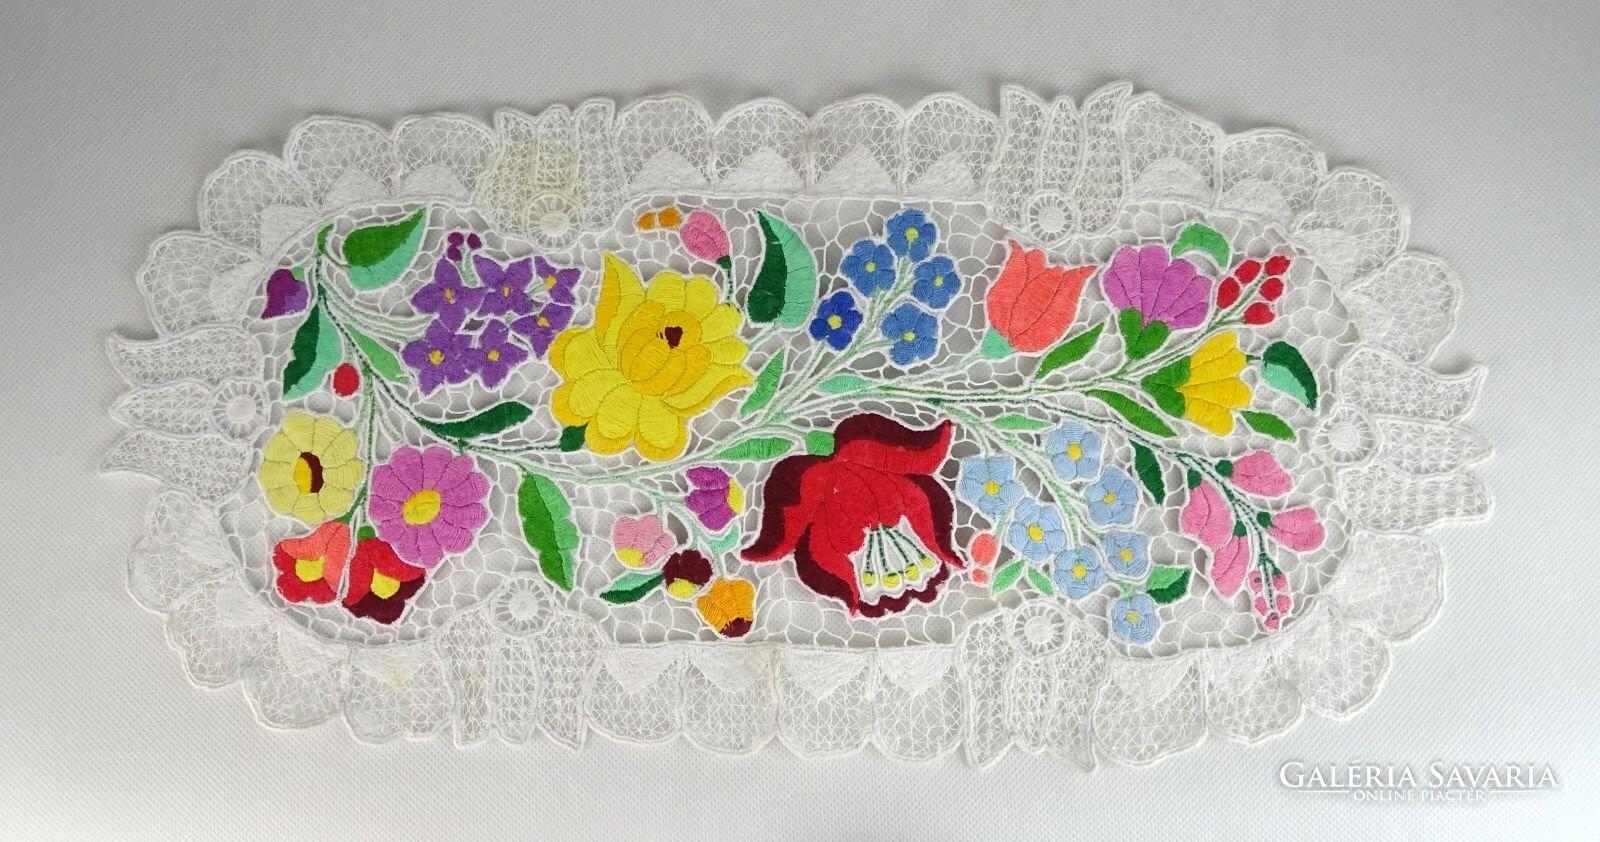 1de108a696 0S280 Riselt kalocsai hímzett csipke terítő 49 cm - Szőnyeg, Textil ...